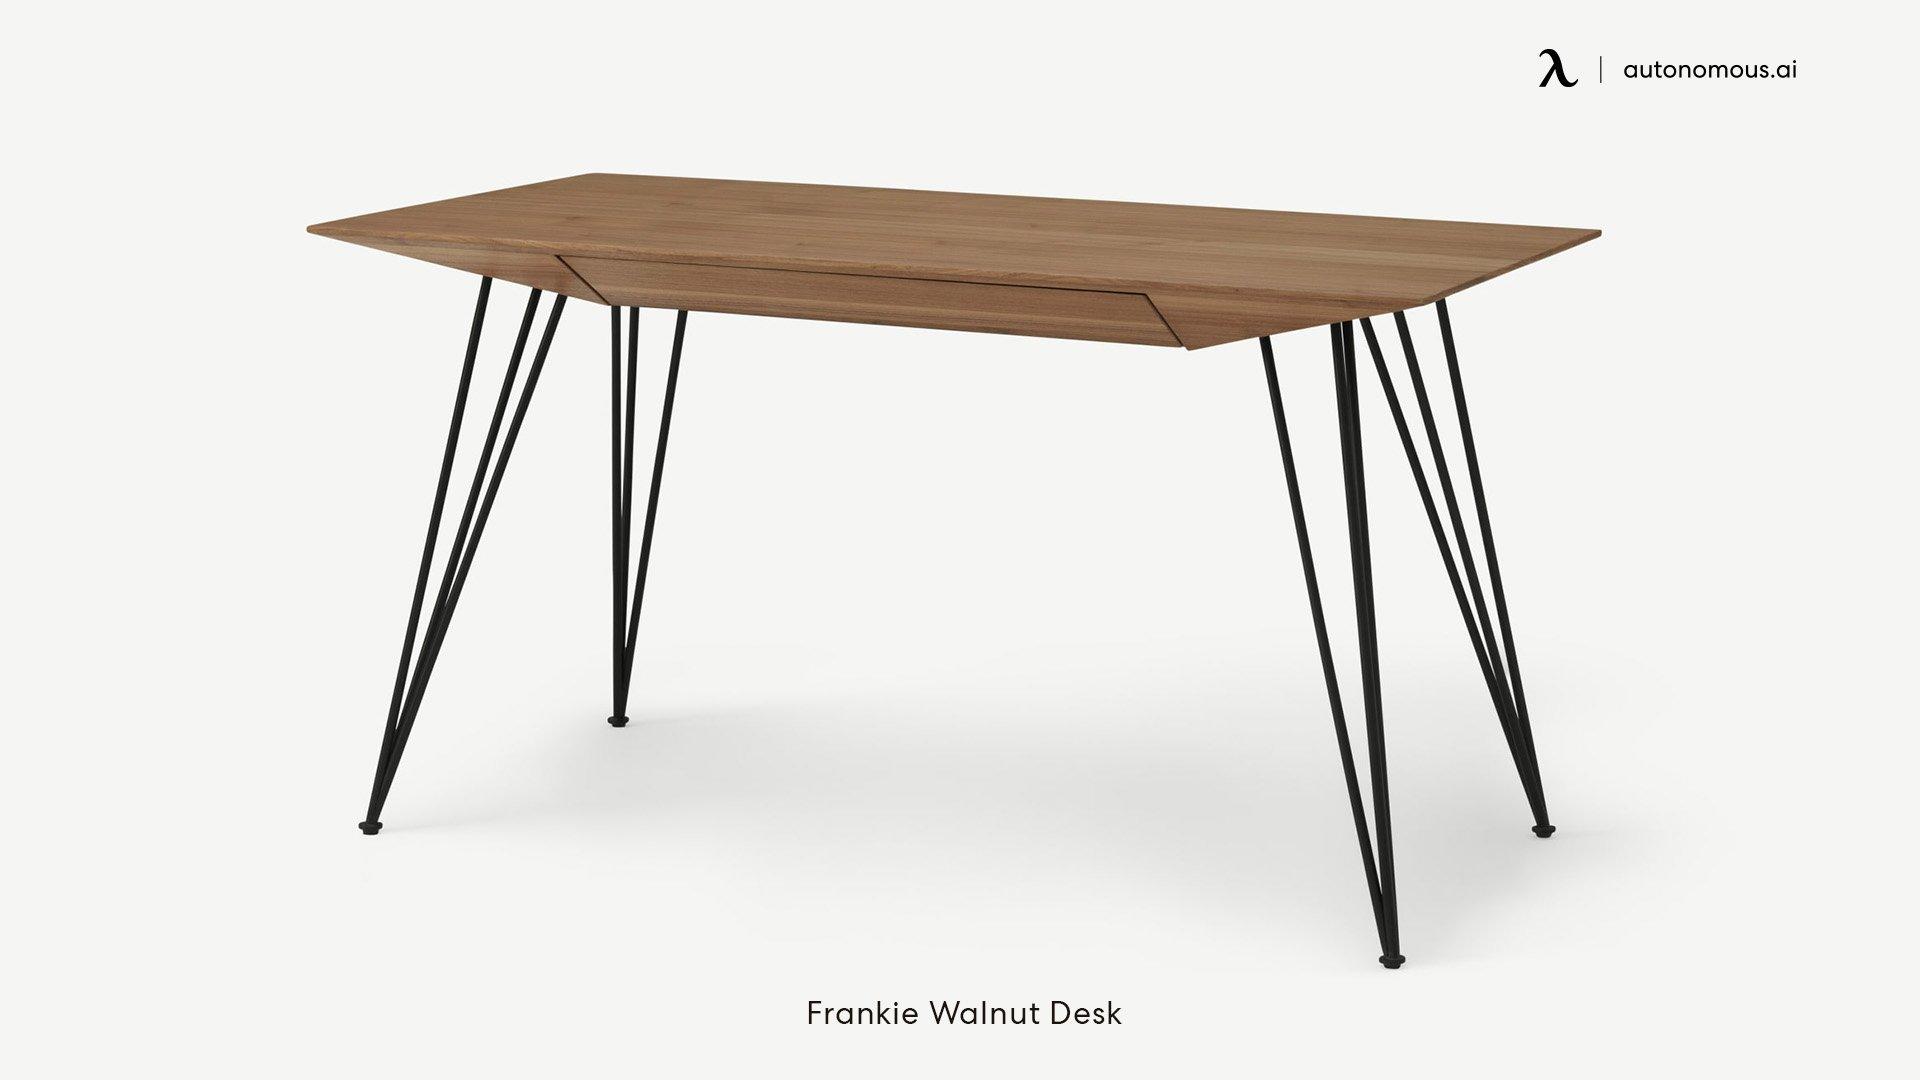 Frankie Walnut Desk